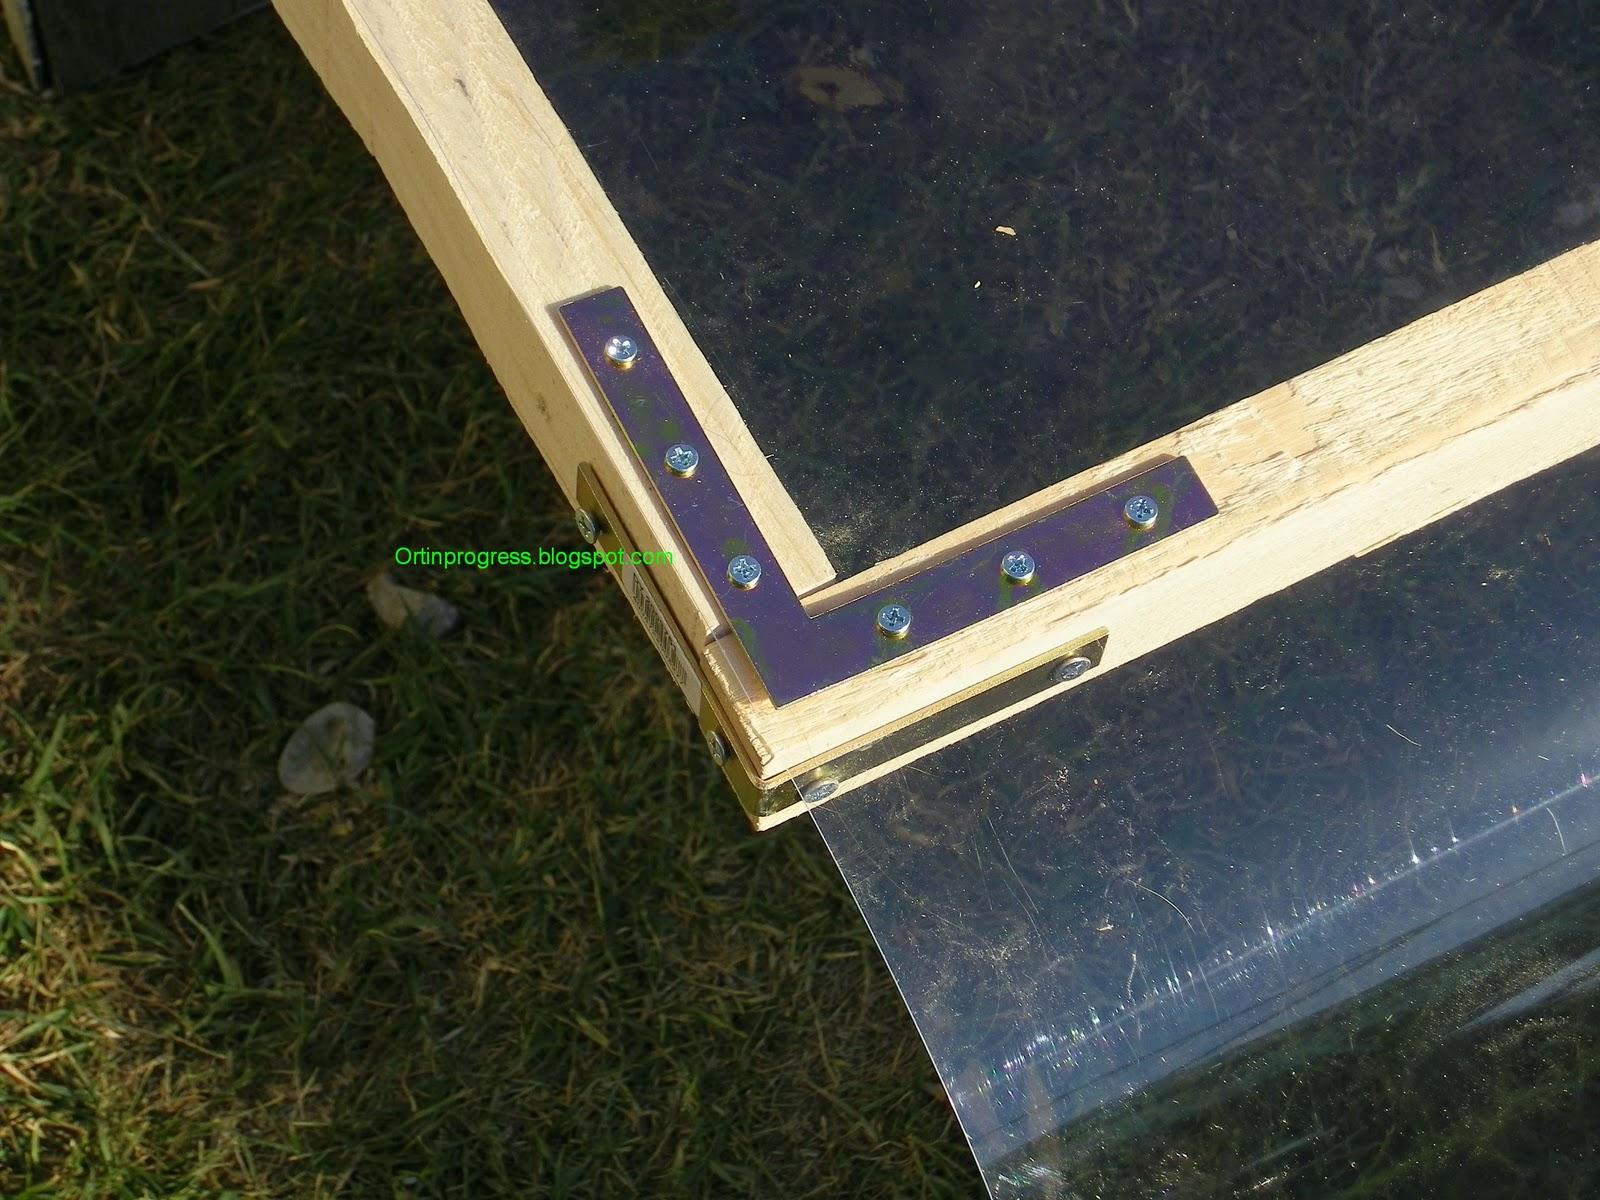 Orti in progress come costruire una serra nel sottoscala 3 ed ultima parte - Costruire una porta in legno per esterno ...